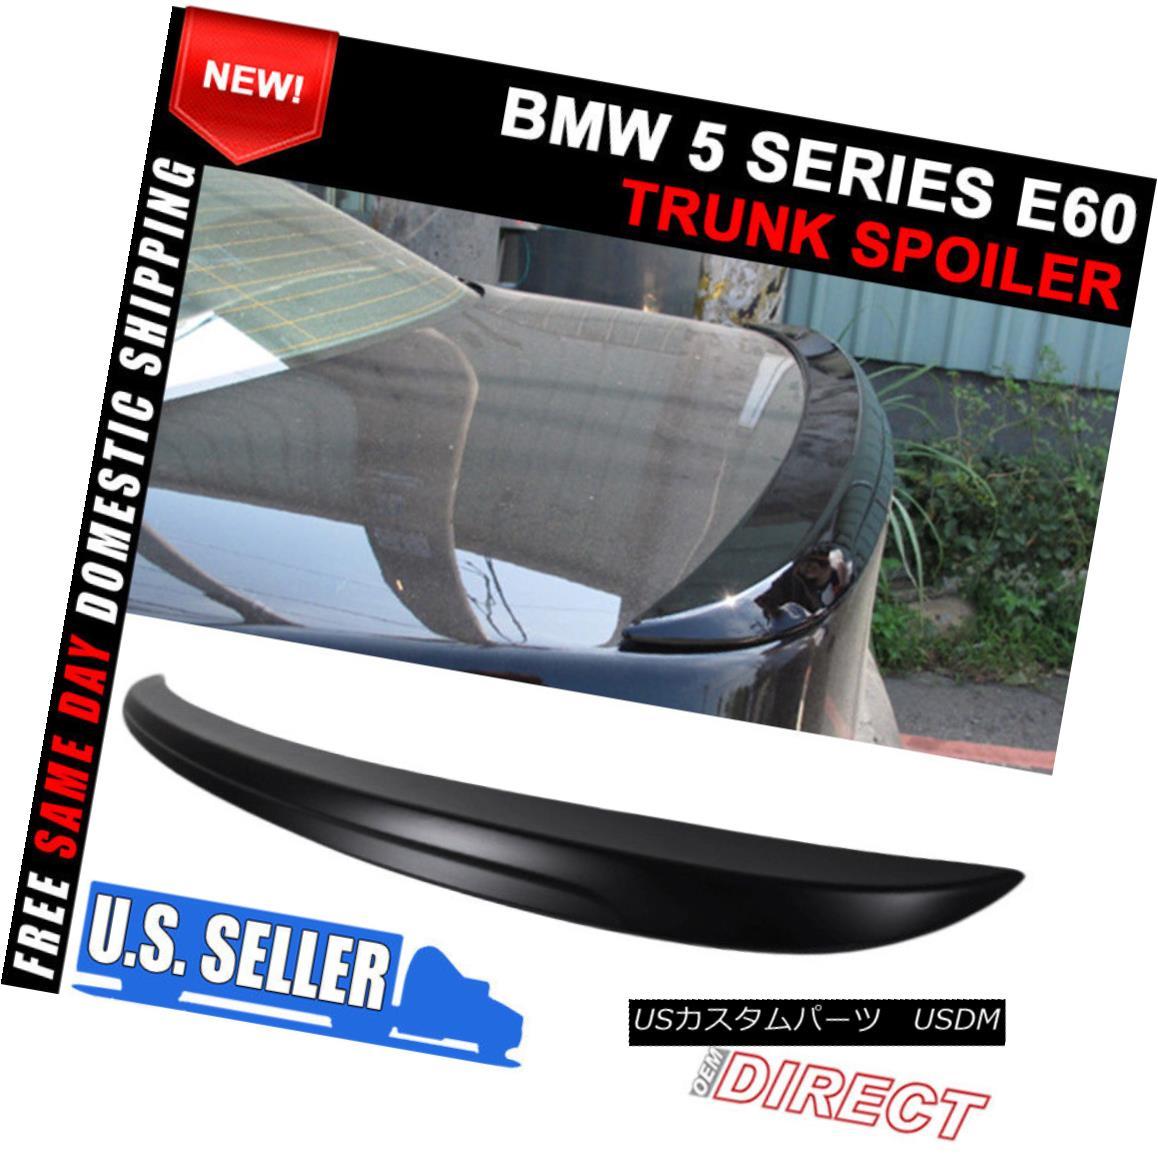 エアロパーツ 04-10 BMW 5 Series E60 M5 Style Unpainted ABS Trunk Spoiler 04-10 BMW 5シリーズE60 M5スタイル無塗装ABSトランク・スポイラー